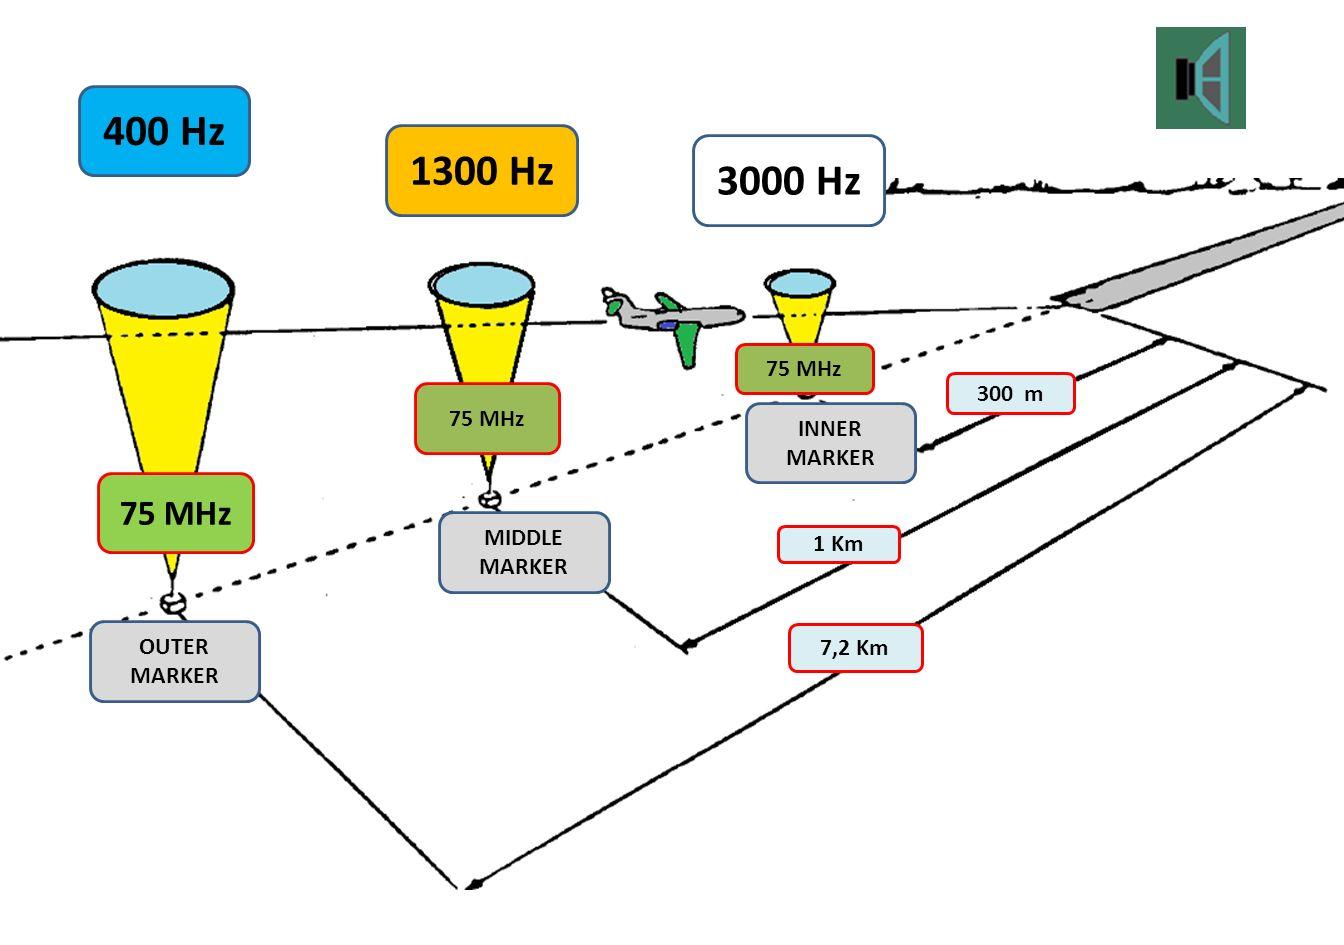 400 Hz 1300 Hz 3000 Hz 75 MHz 75 MHz 300 m 75 MHz INNER MARKER